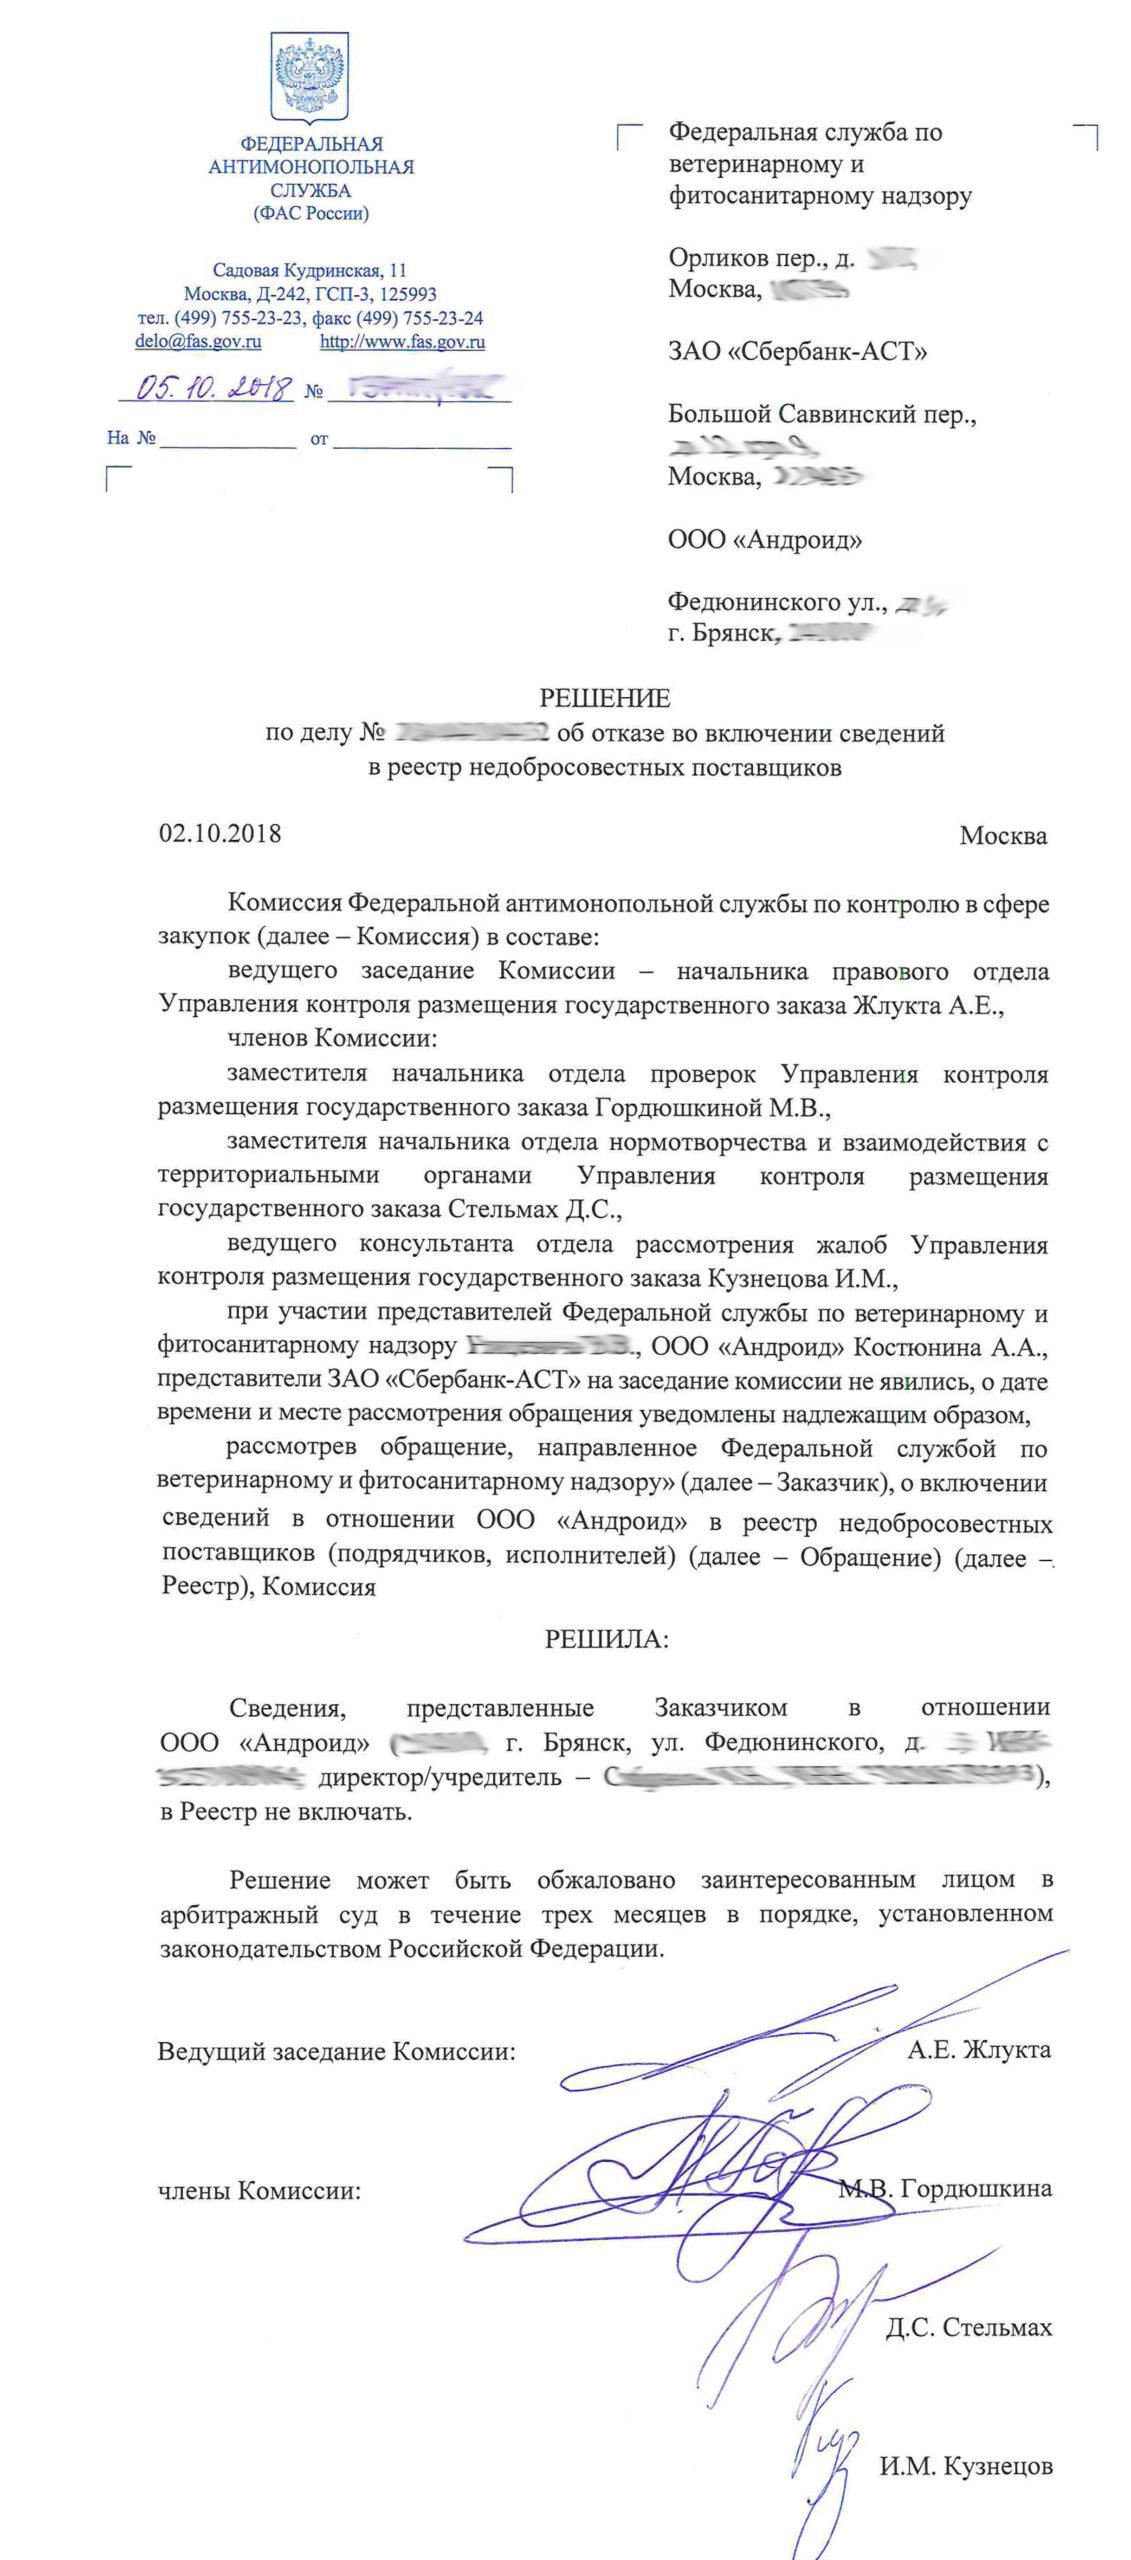 ФАС России Андроид решение